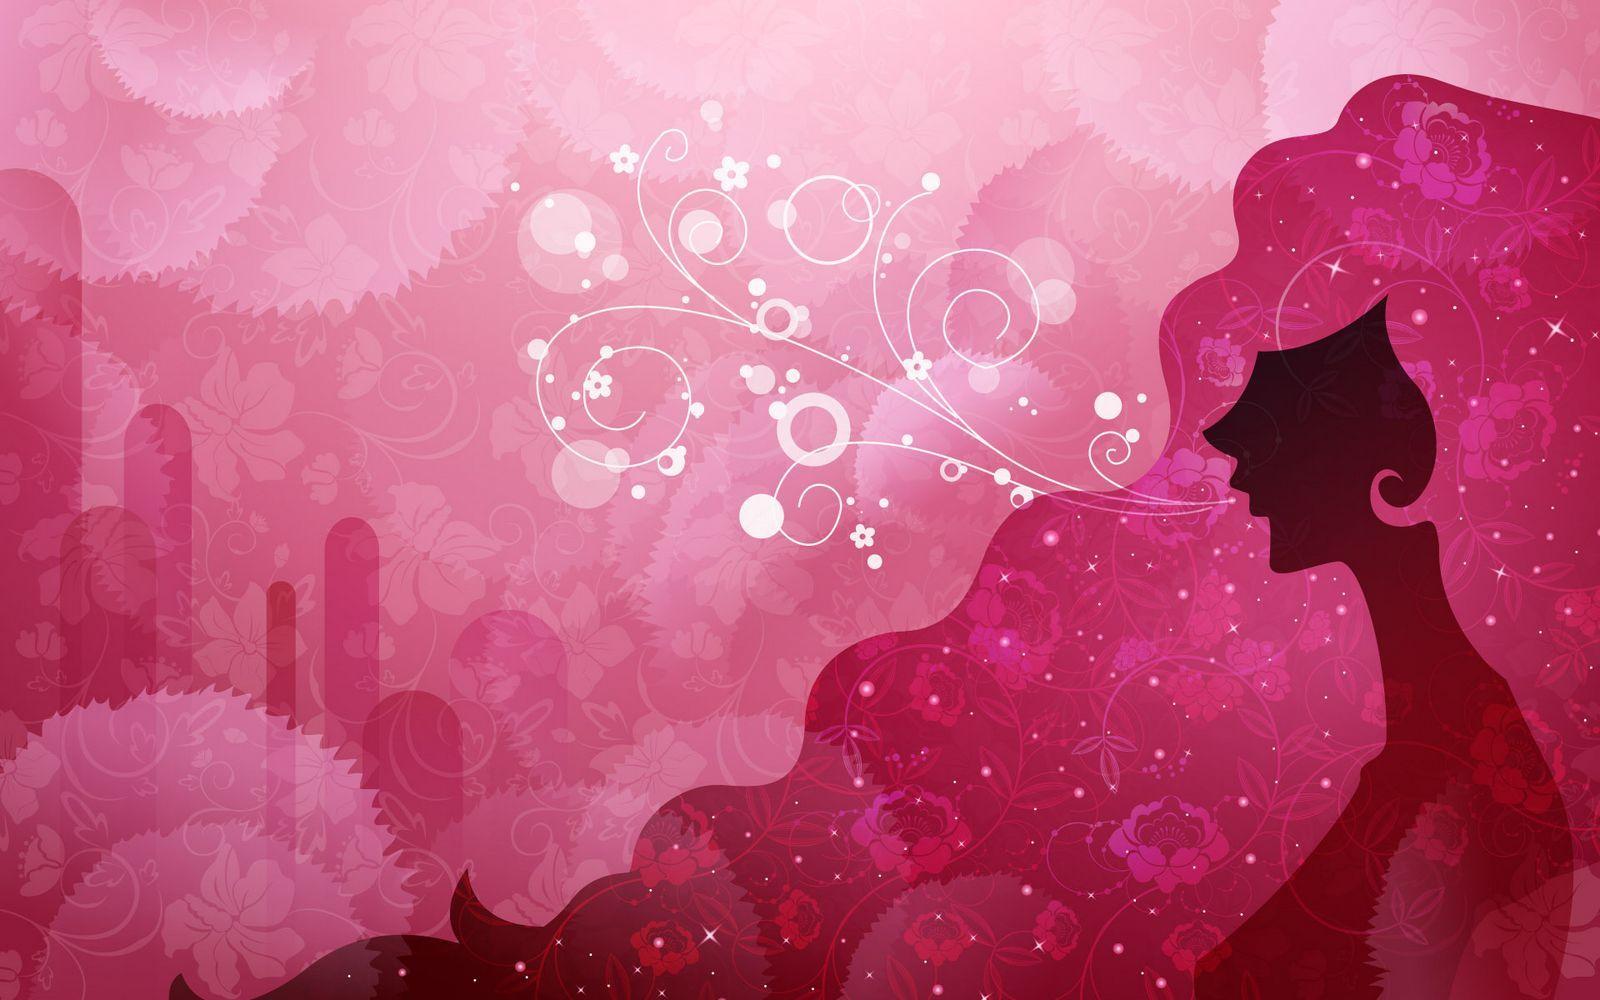 Free Download Cute Desktop Backgrounds For Girls Desktop Image 1600x1000 For Your Desktop Mobile Tablet Explore 47 Wallpaper For Girls Free Wallpapers For Desktop Summer Wallpaper For Desktop Free